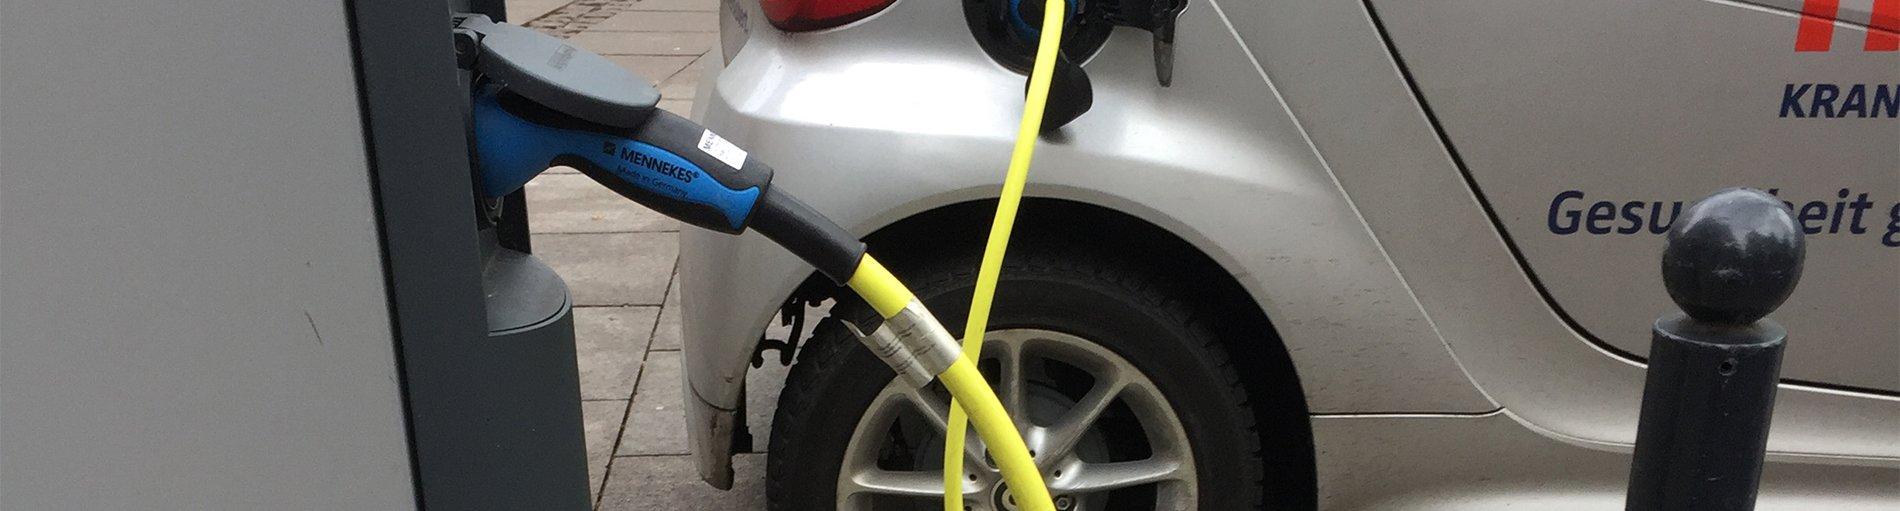 Ein Elektroauto beim Aufladen an einer Ladestation (Foto: WFB/HS)